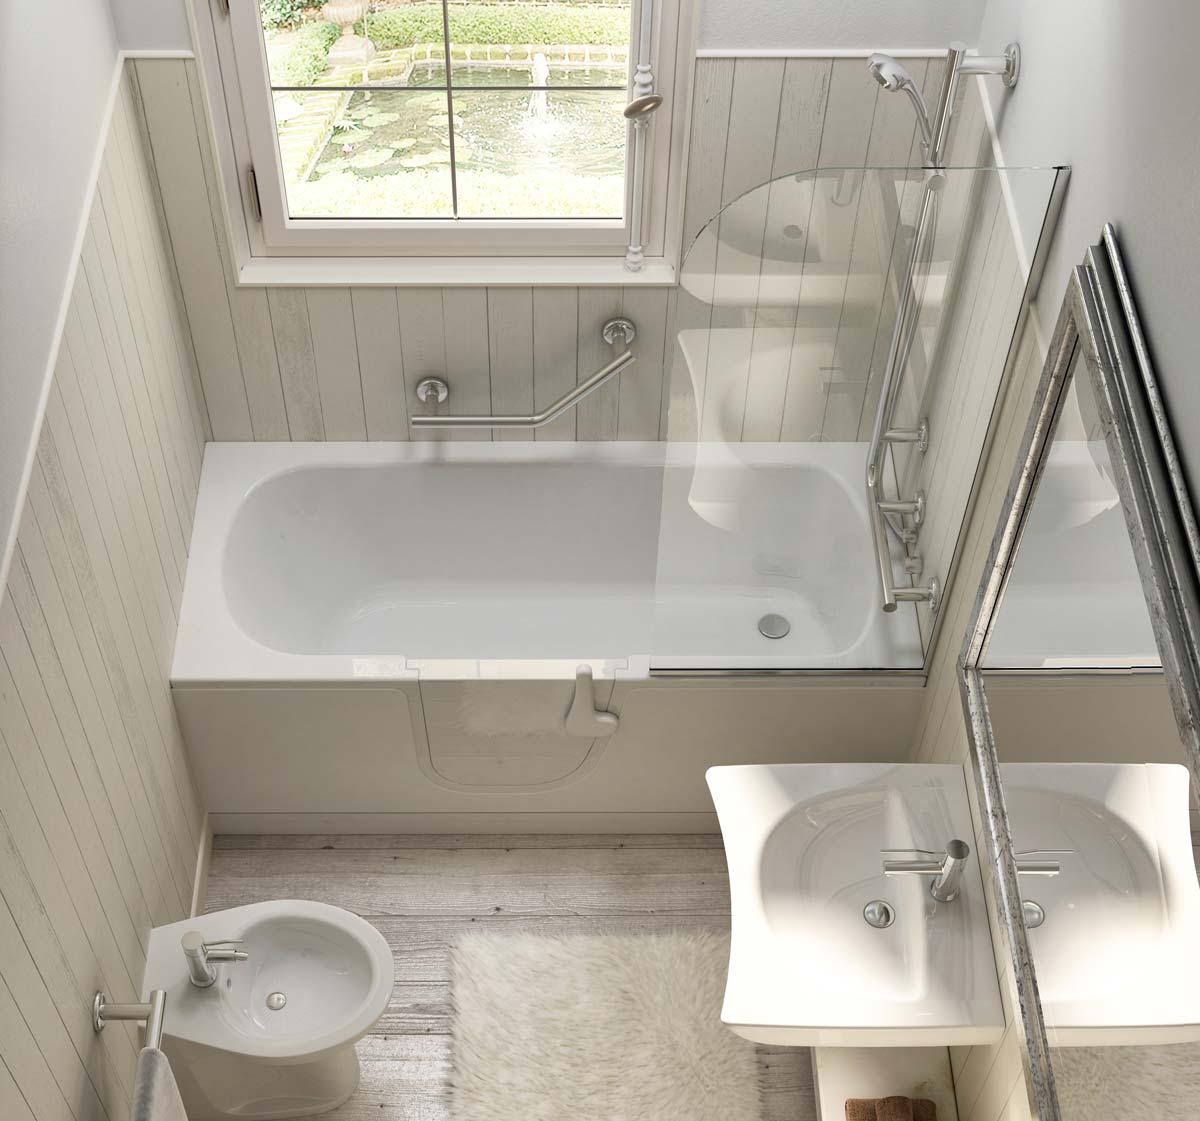 Vasca con porta per anziani goman - Vasche da bagno per anziani ...